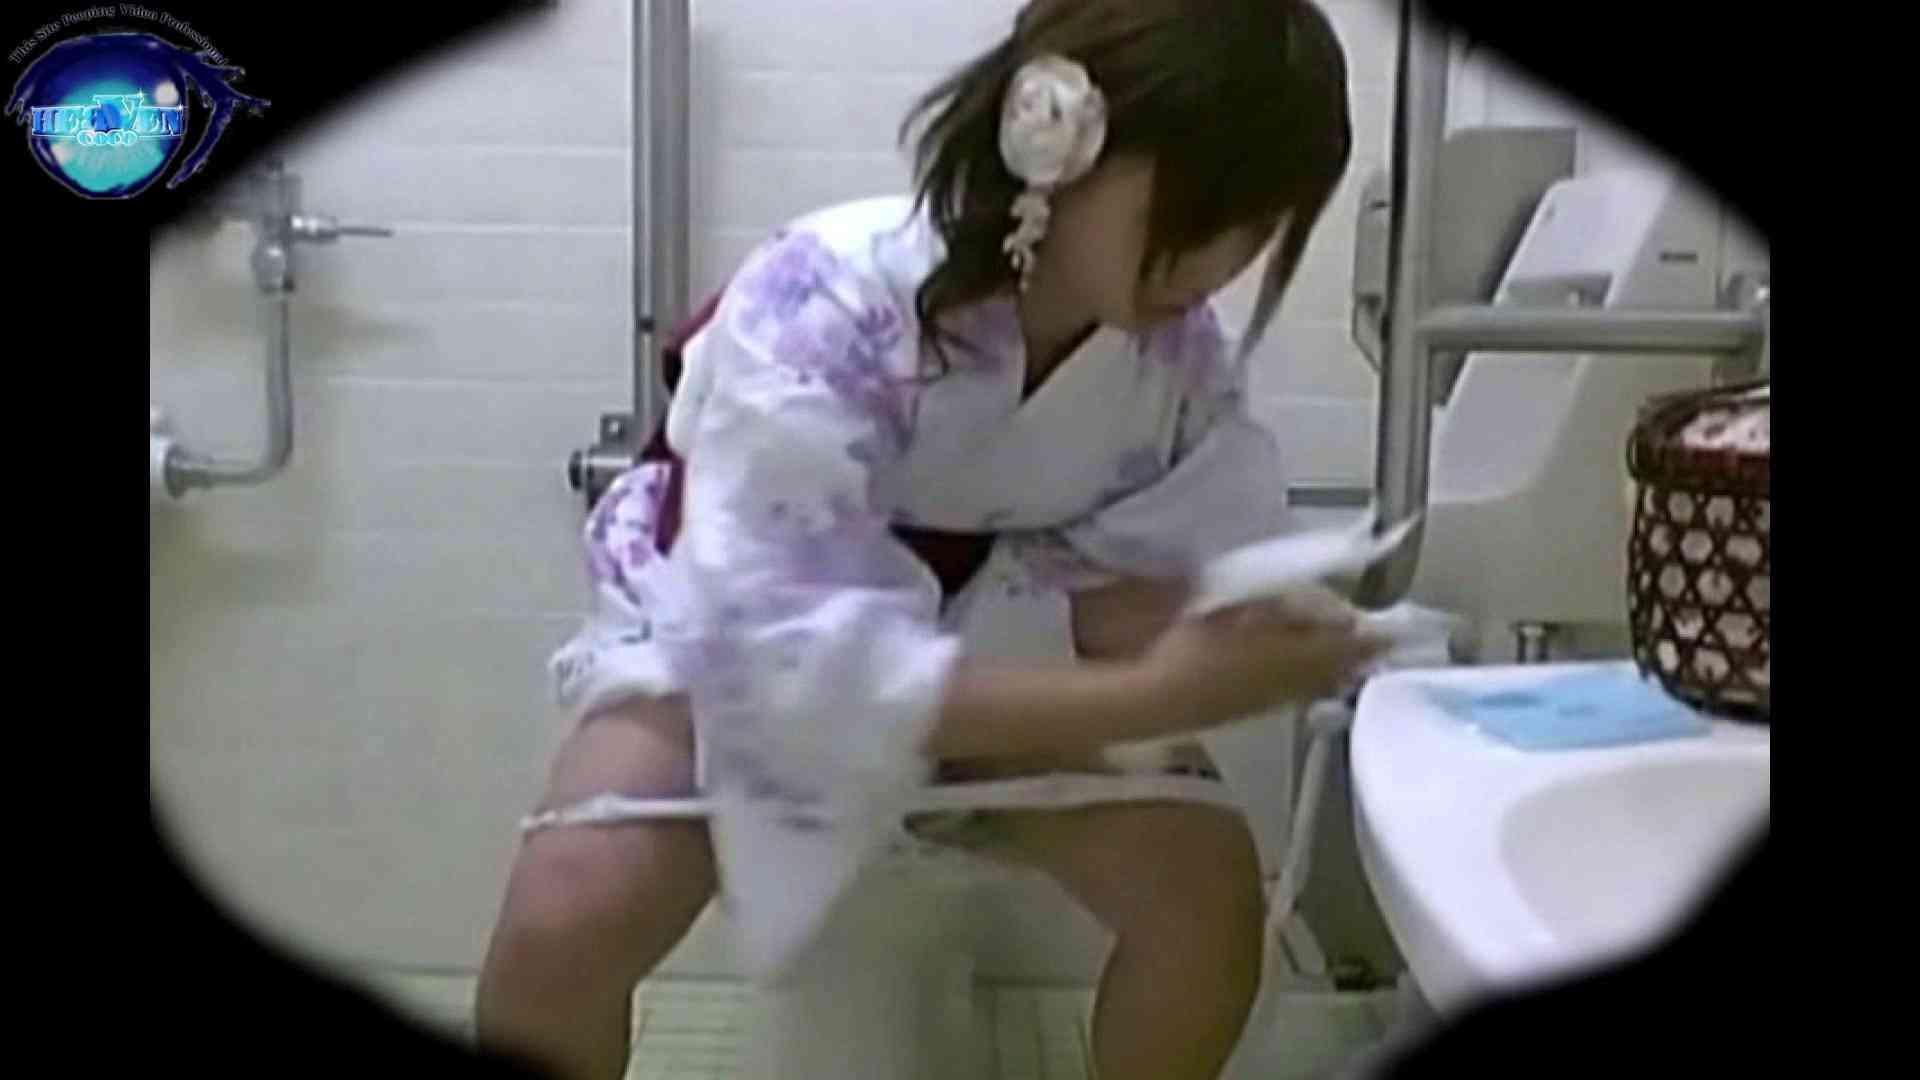 teen galトイレ覗き紙がナイ編‼vol.17 覗き エロ画像 90pic 59